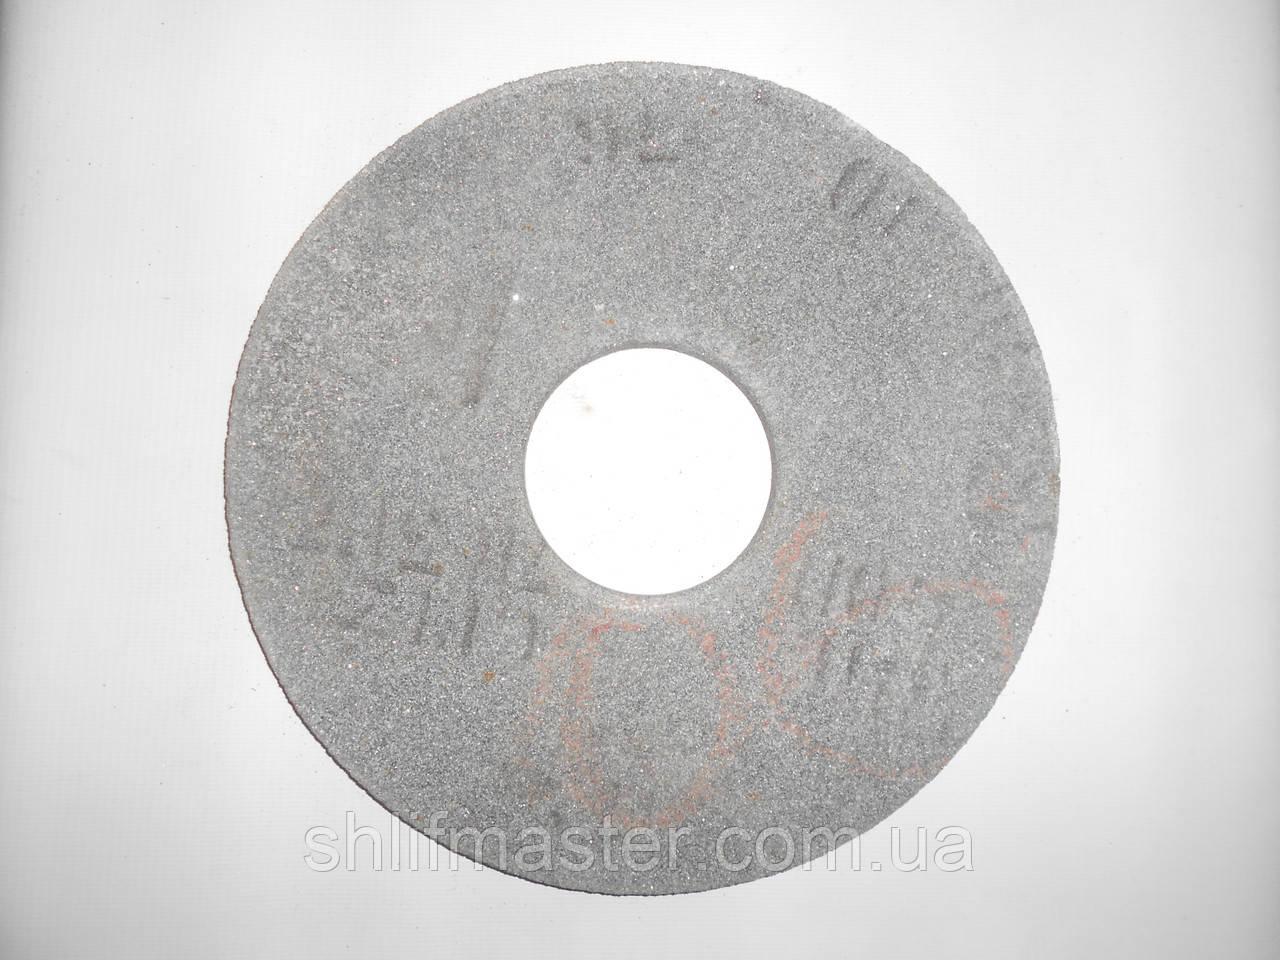 Круг шлифовальный 14А (электрокорунд серый) ПП на керамической связке 250х13х76 40 СМ2